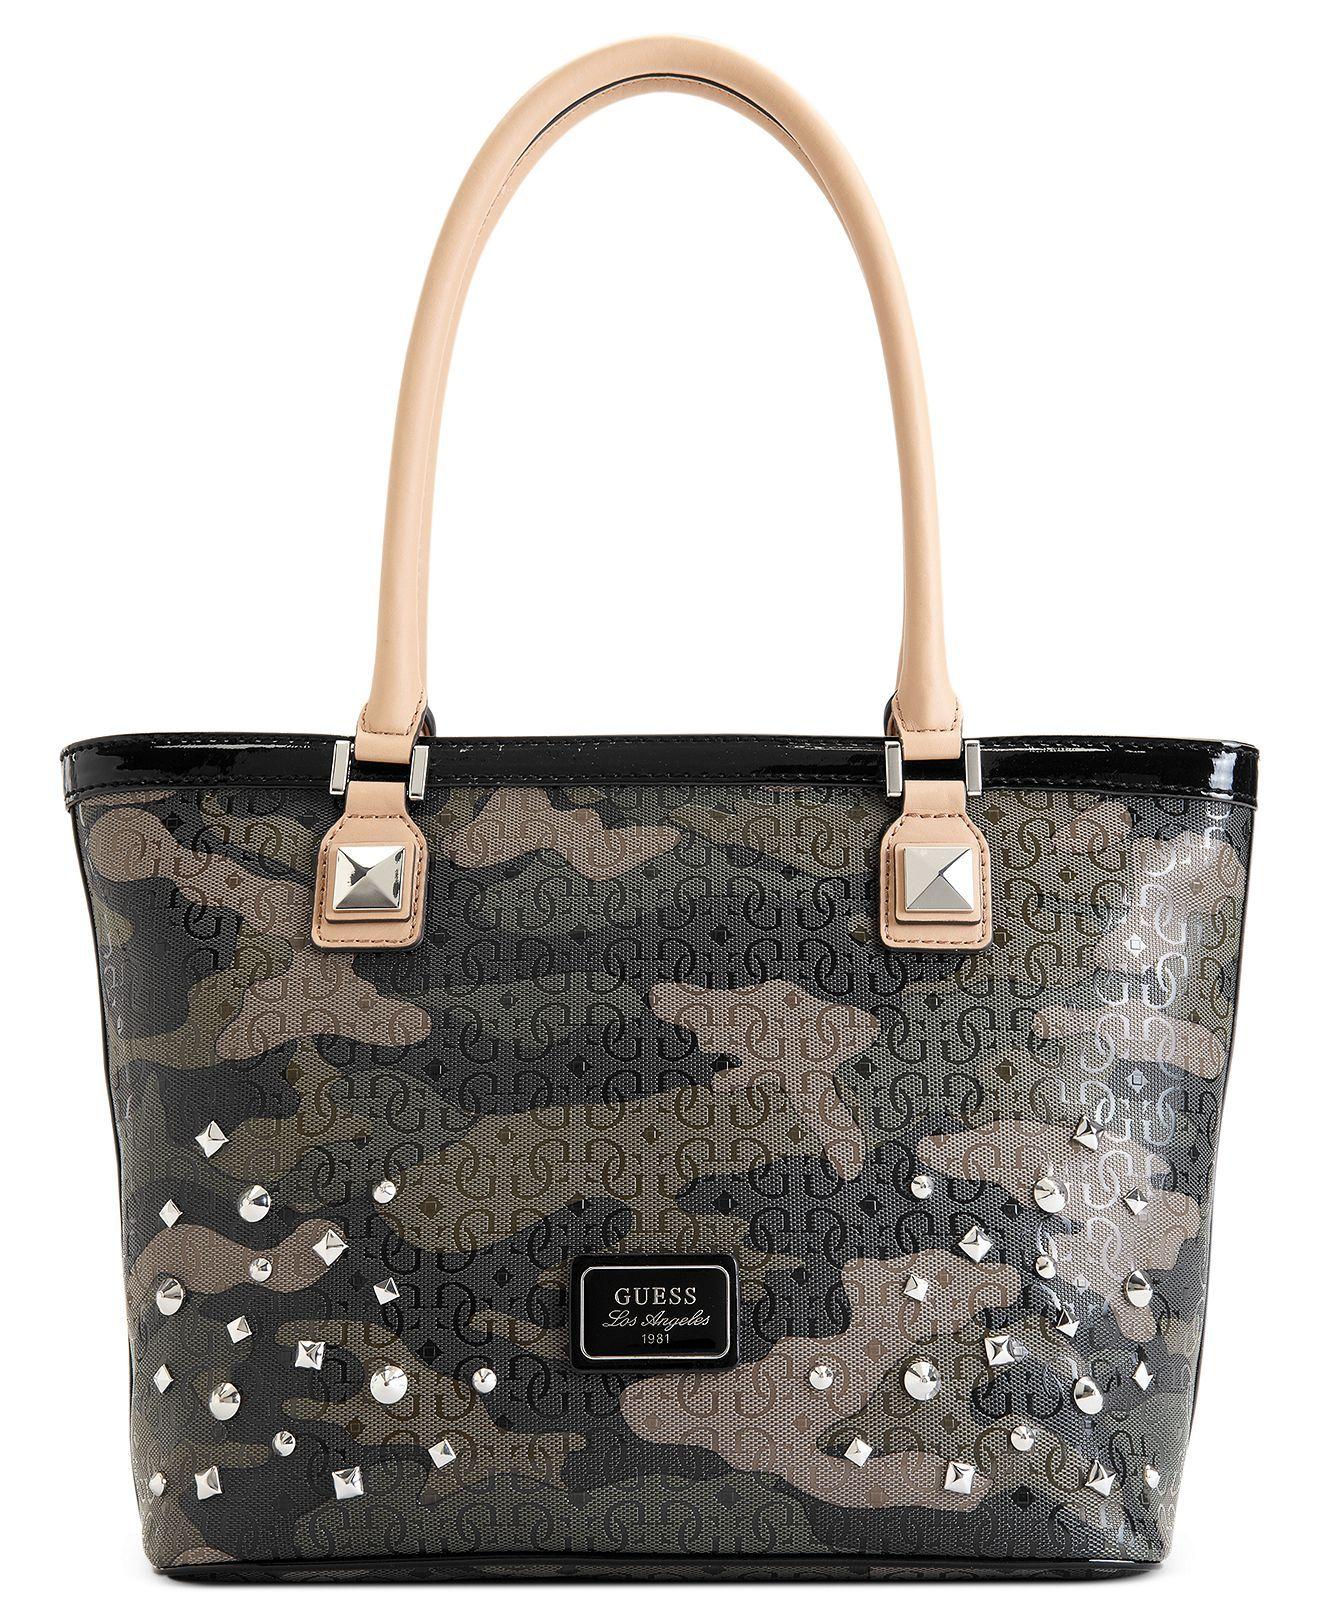 GUESS Handbag, Specks Camo Classic Tote Handbags